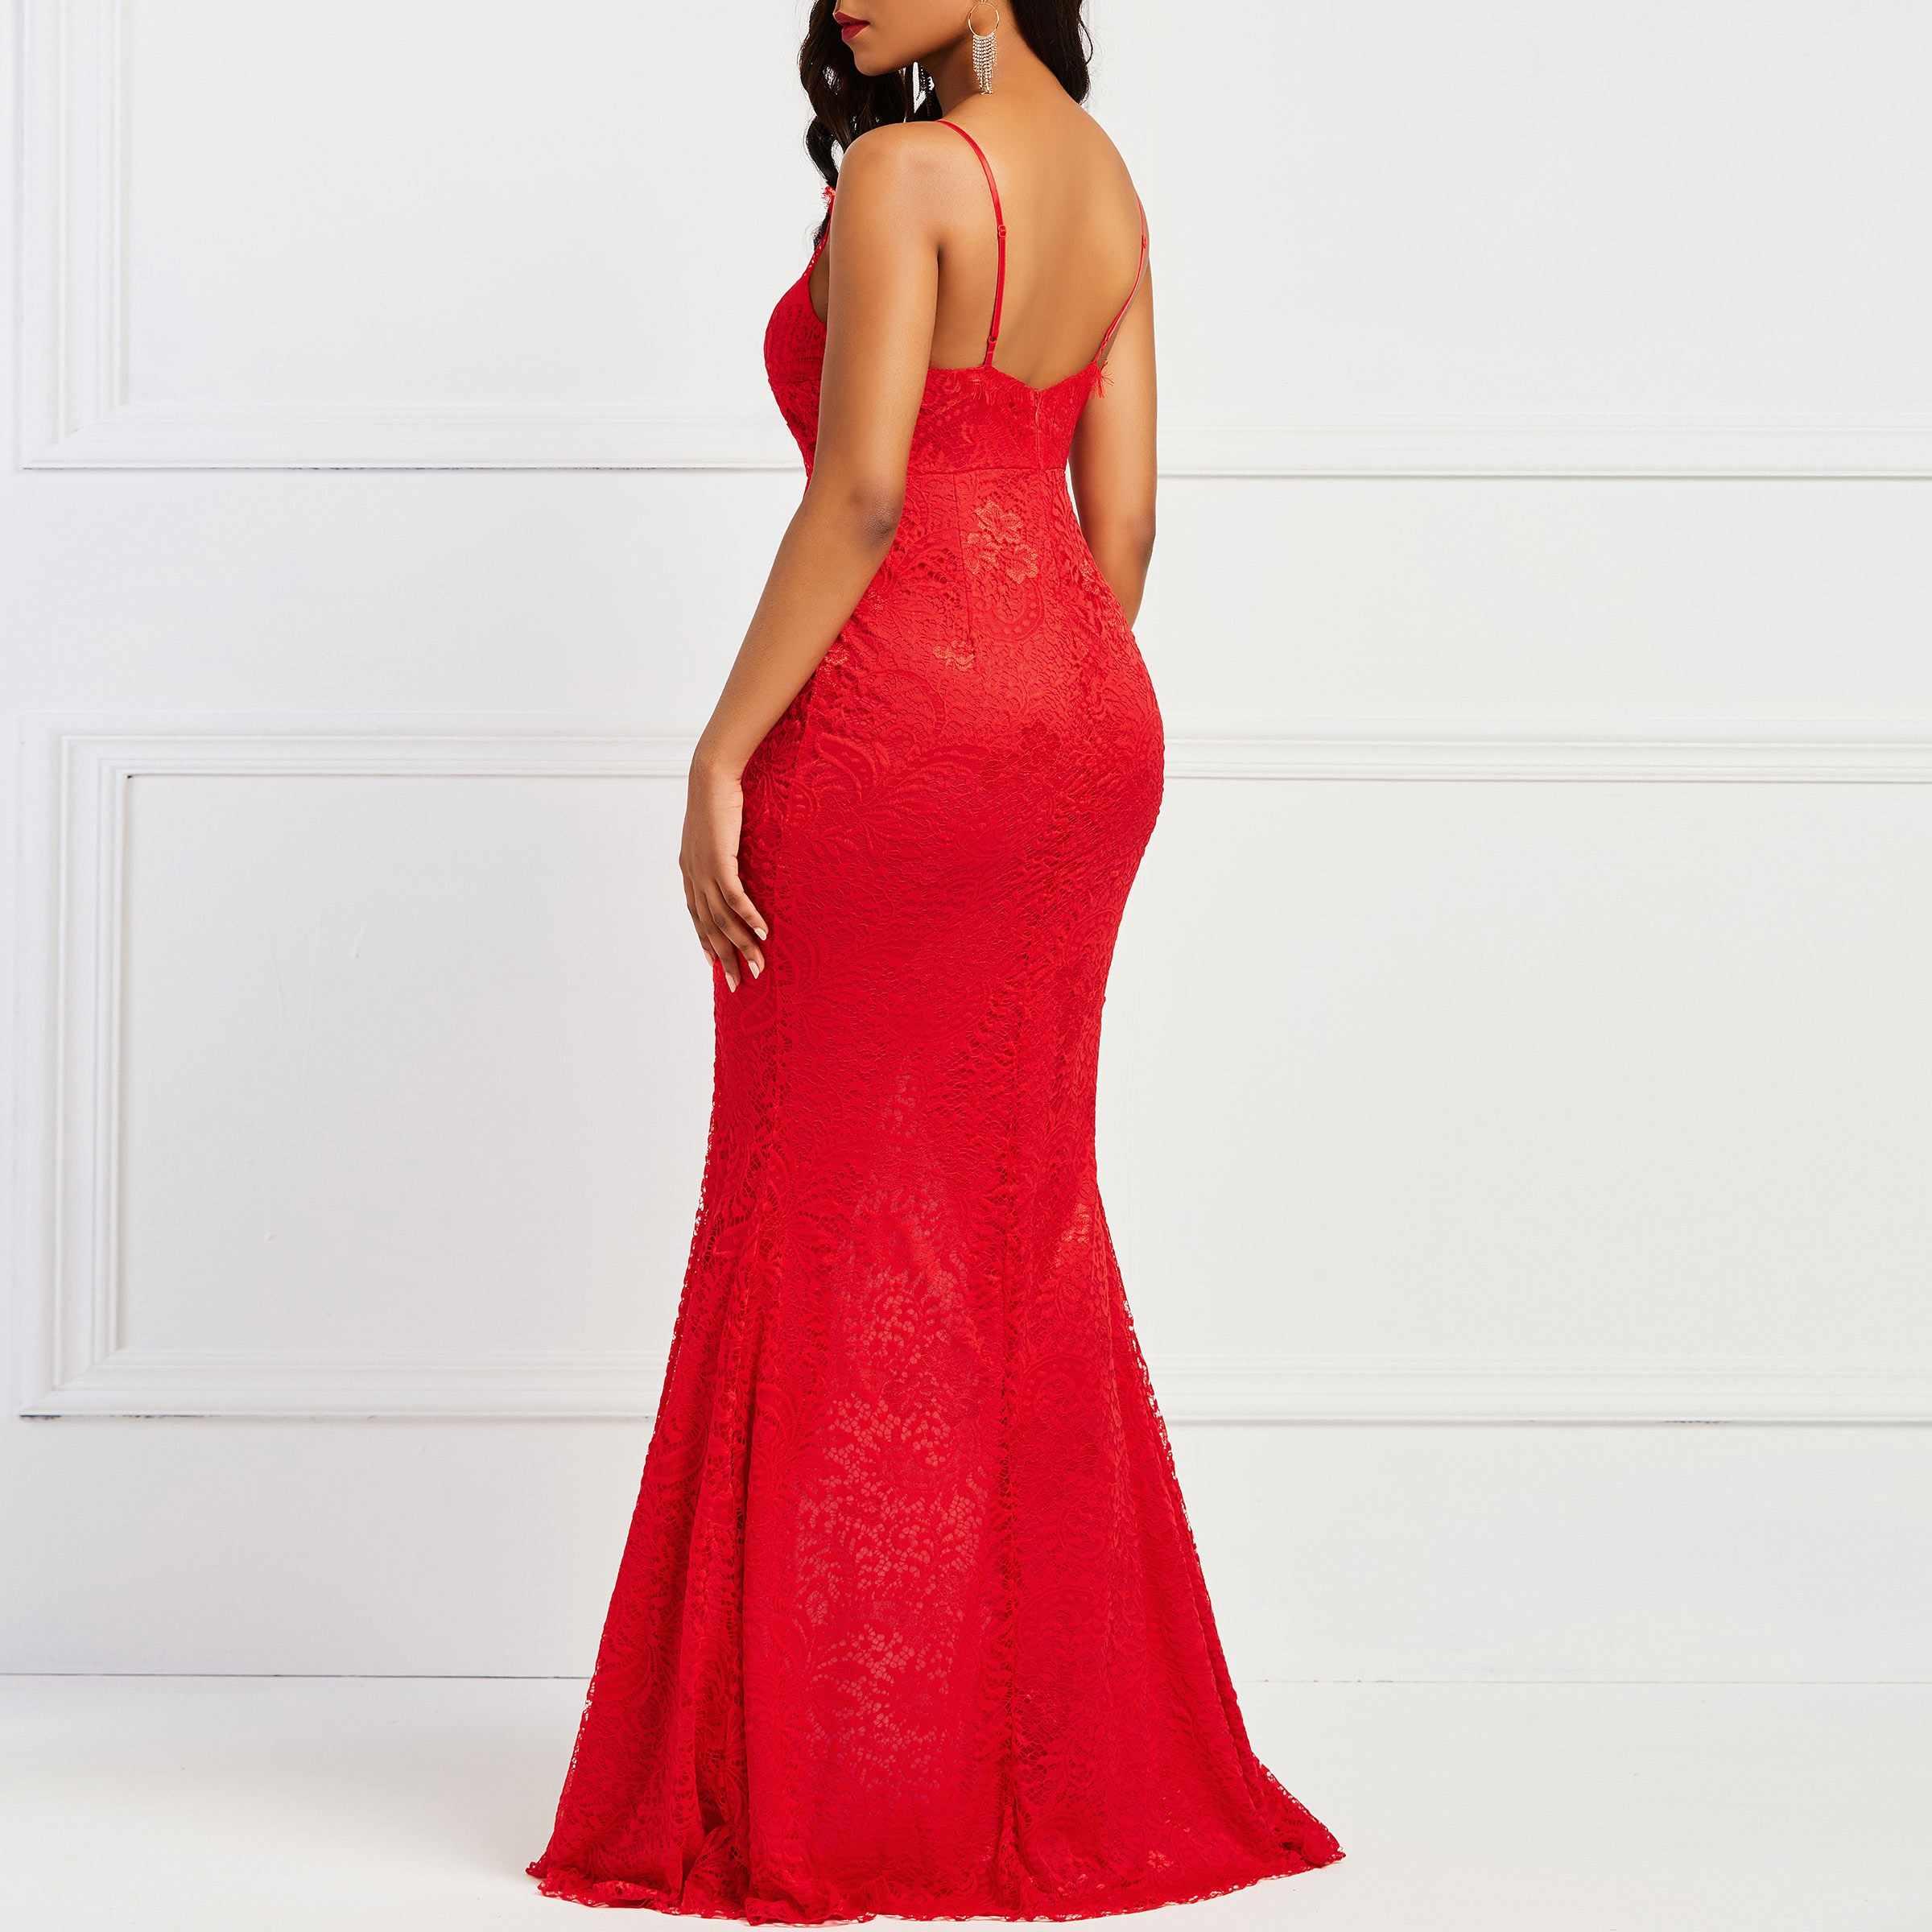 Асимметричное облегающее платье без рукавов боковое вентиляционное женское элегантное вечернее красное сексуальное вечернее кружевное длинные платья с разрезом